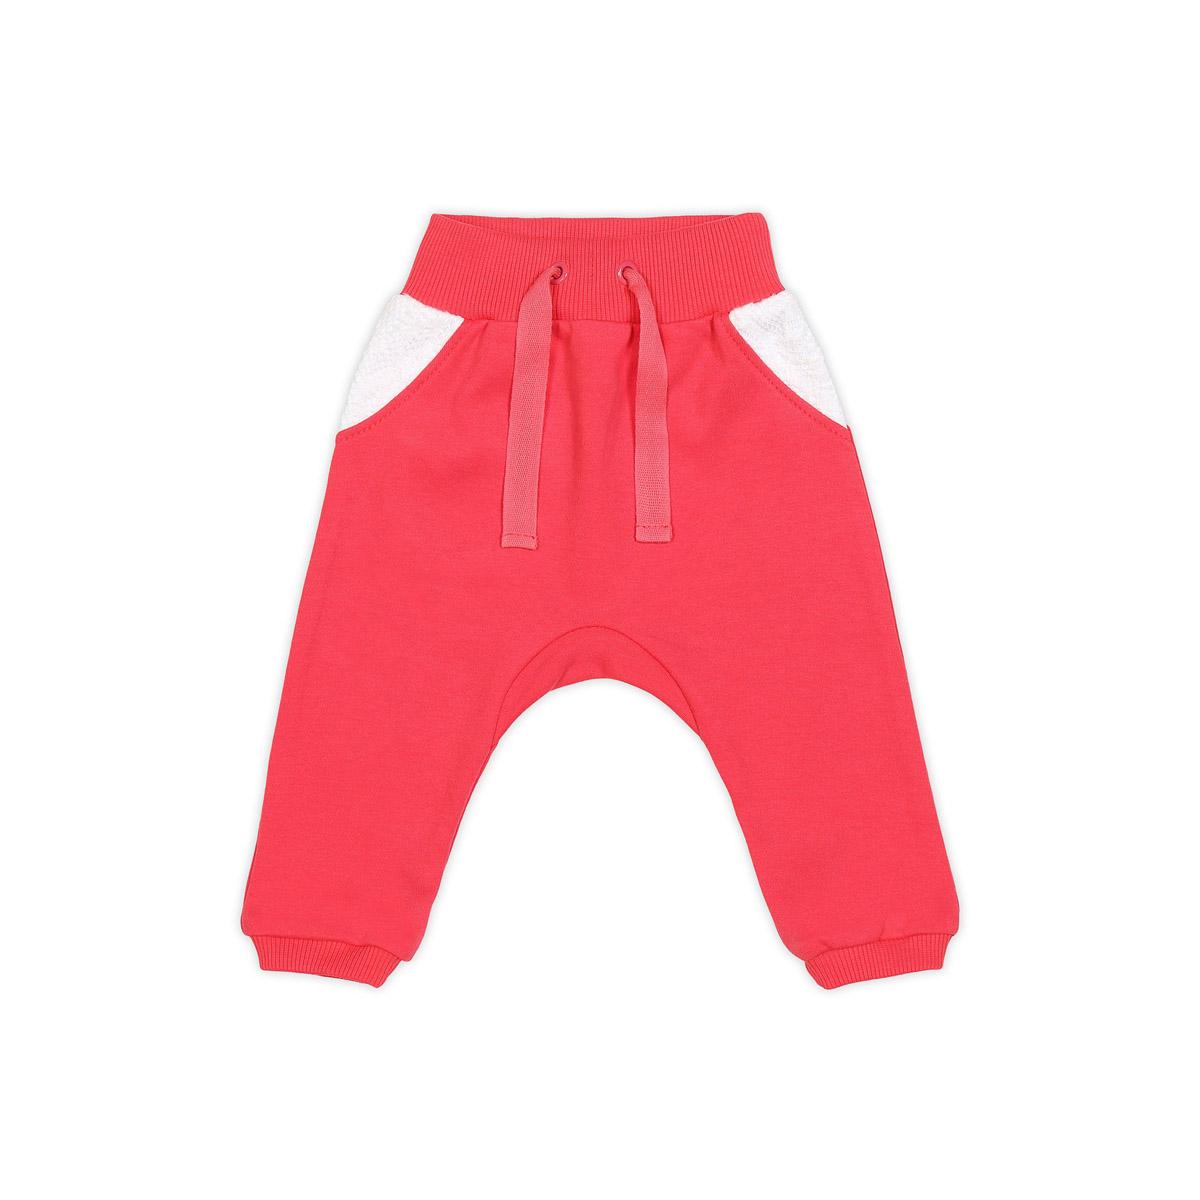 Ползунки без ножек Ёмаё Спорт (26-266) рост 62 ярко-розовый<br>